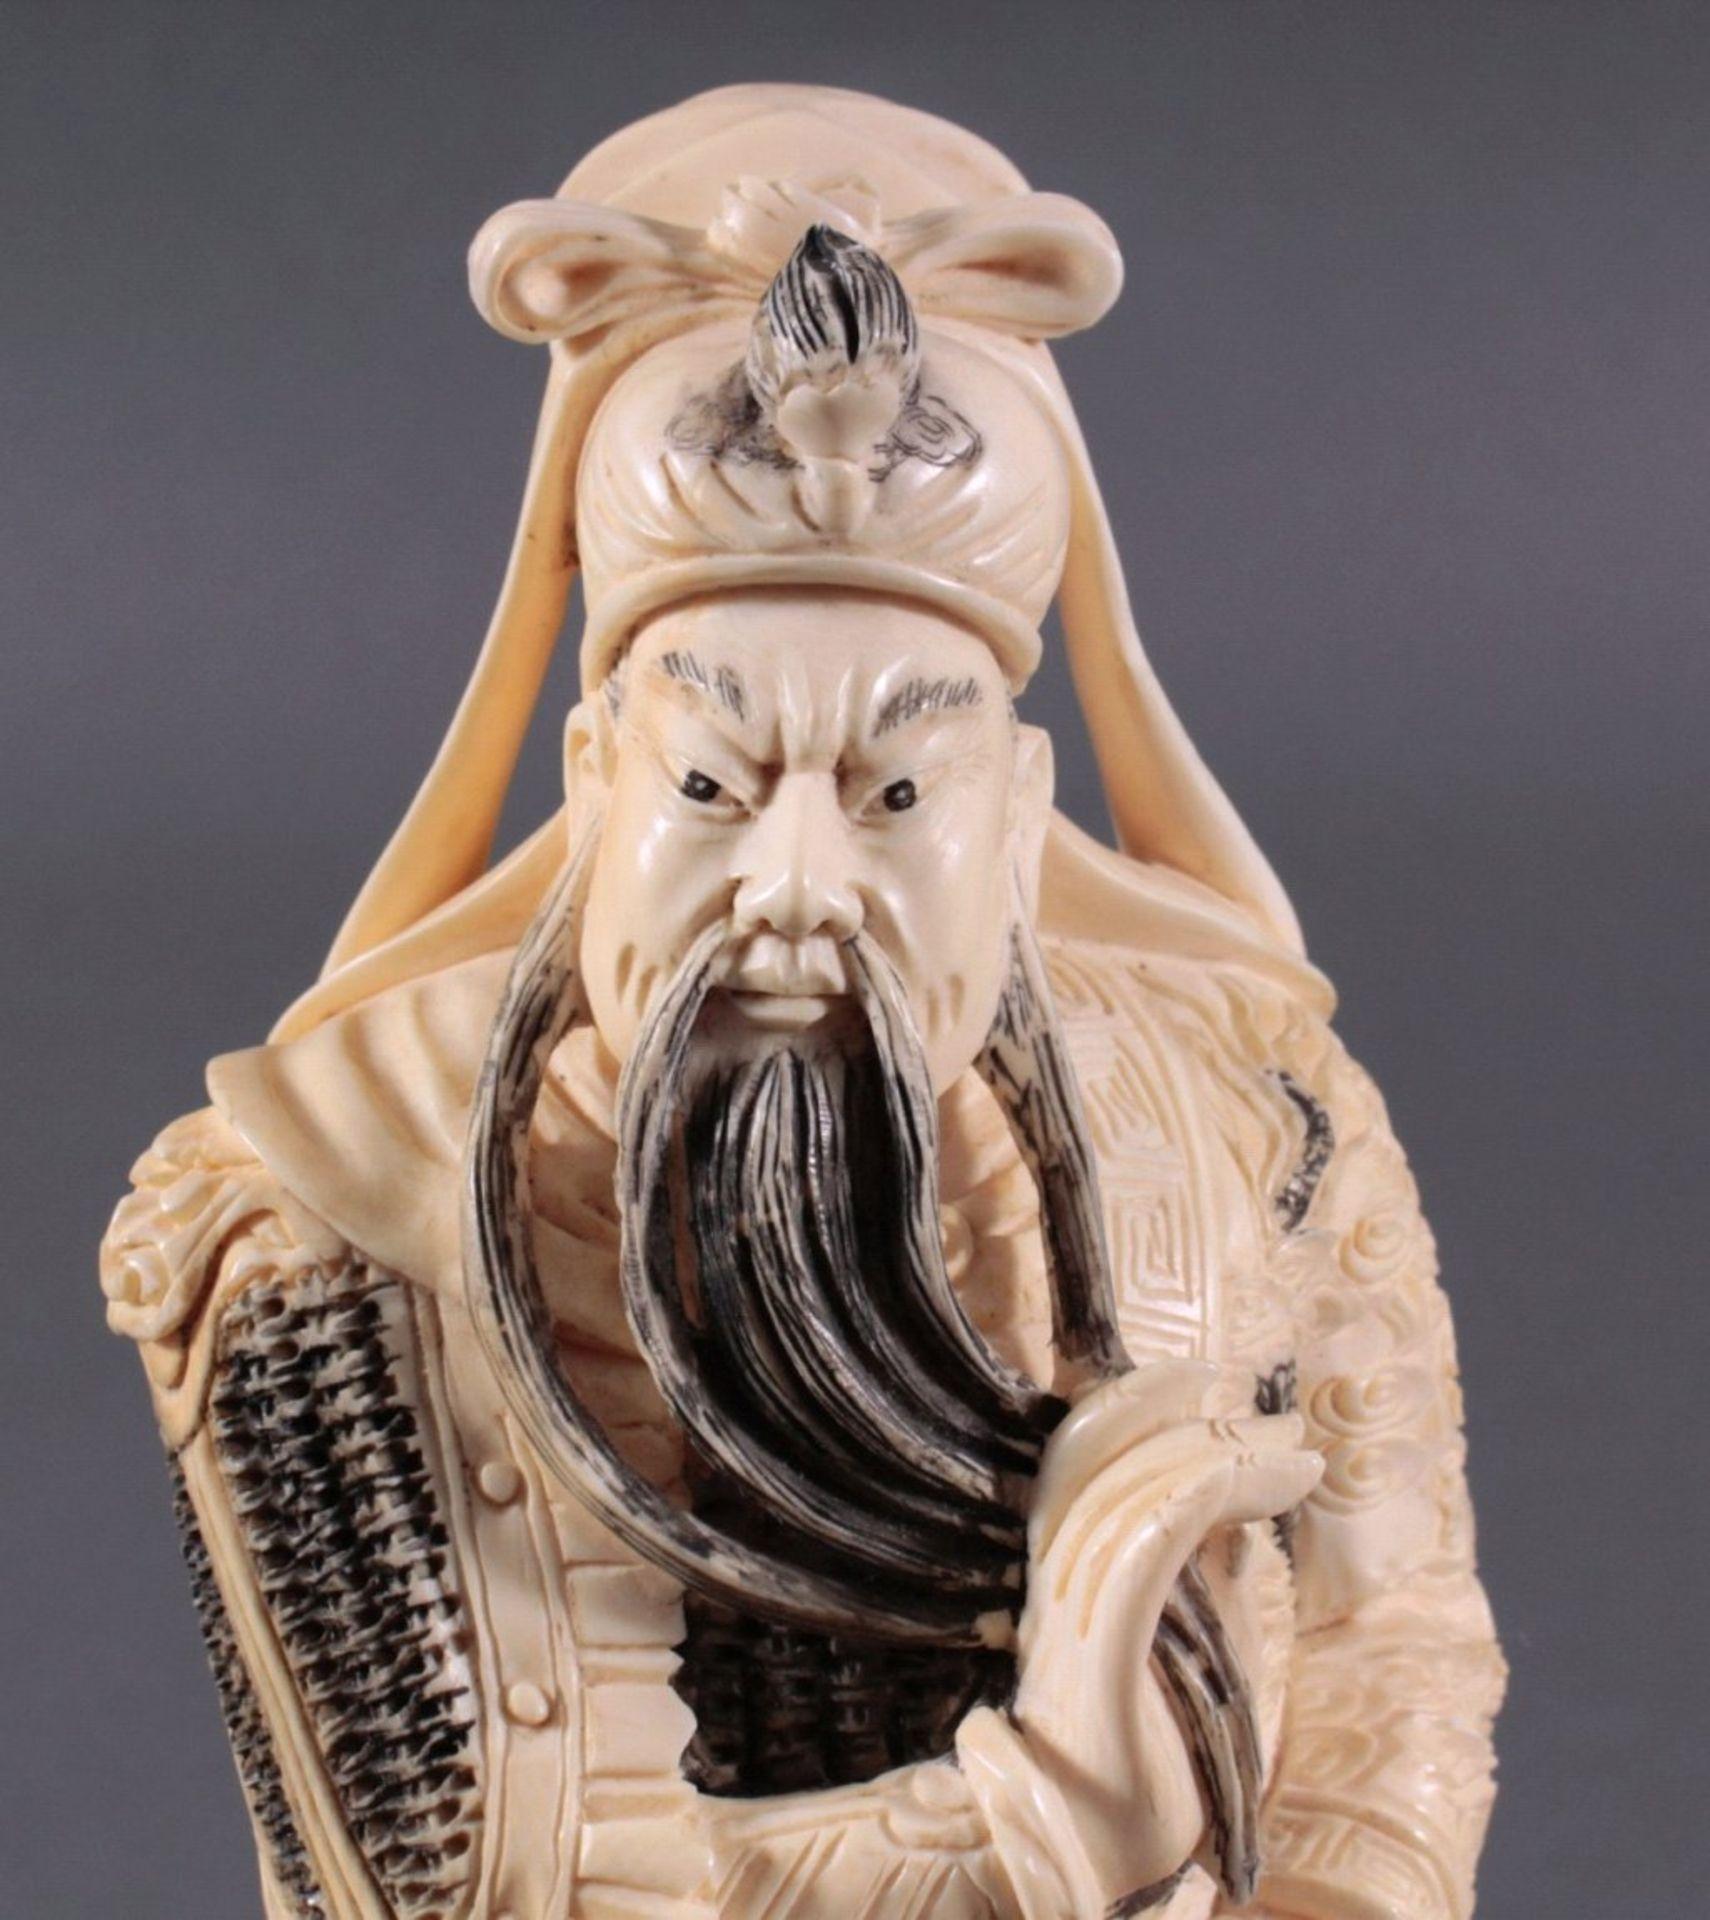 Elfenbeinfigur, 19./20. Jh.Guandi, vollplastisch geschnitzt, schwarz eingefärbt. Seinelinke Hand - Bild 5 aus 6